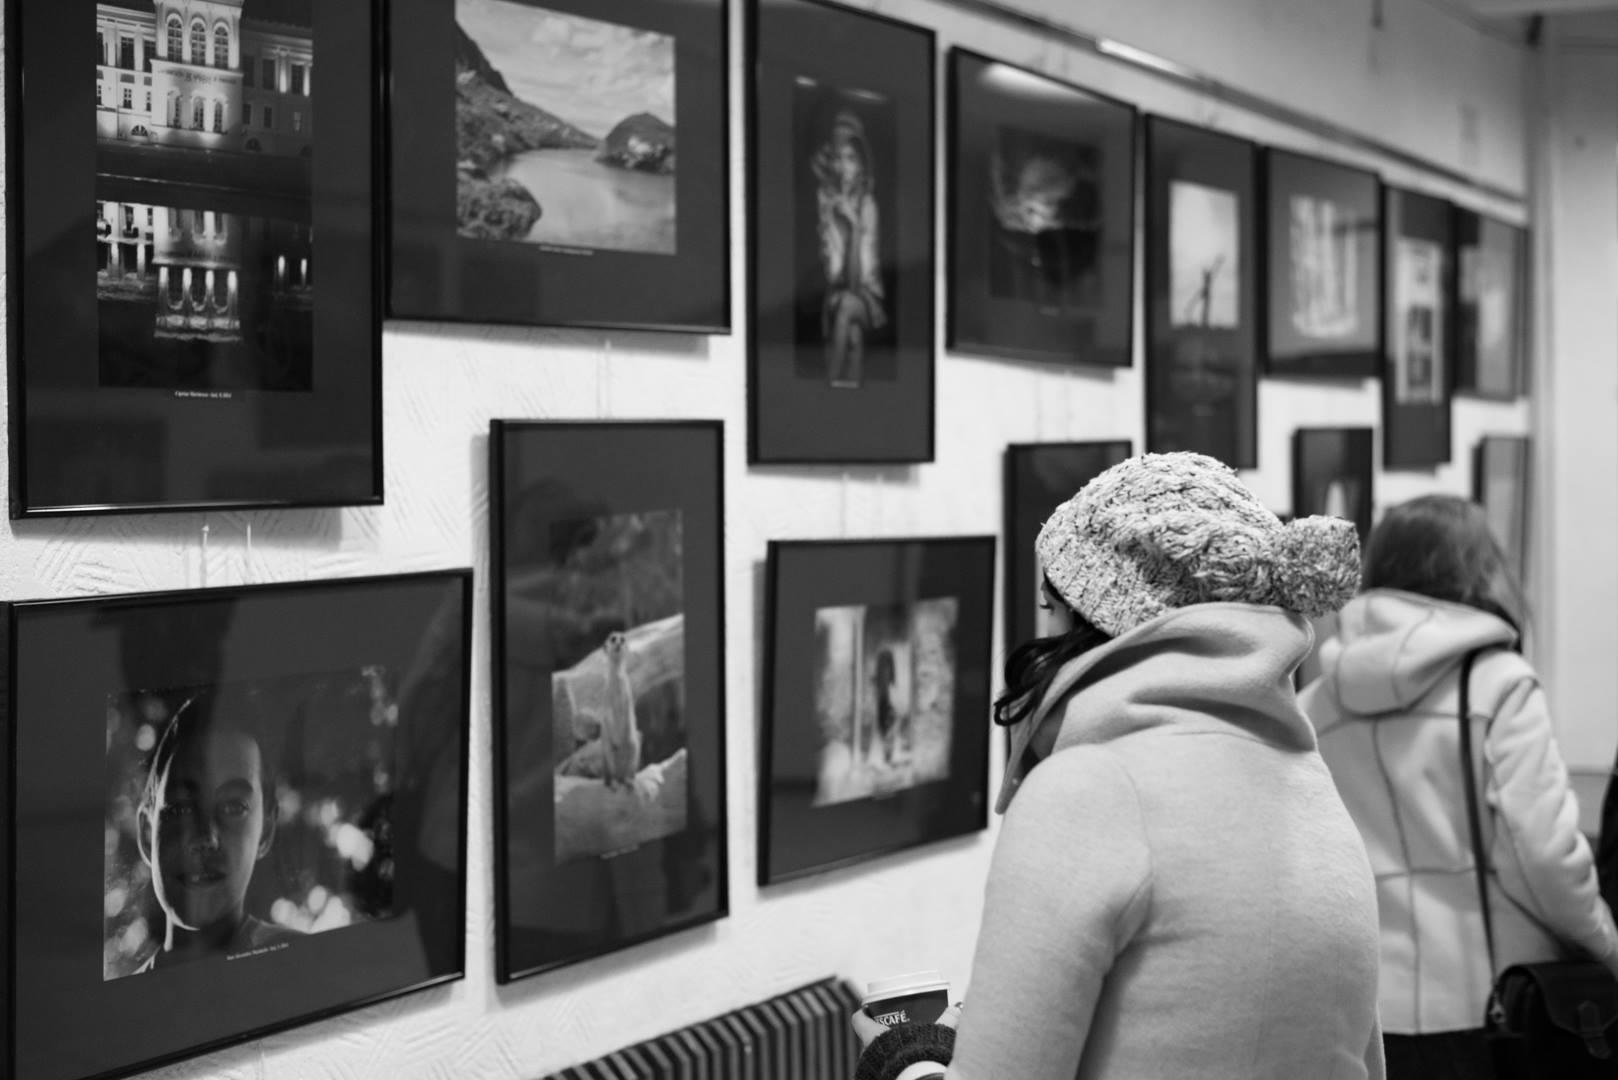 Expoziţie de fotografie Printre popi şi doamne - organizator Clubul Fotografilor Iasi Paul Padurariu cadre de la expozitie 2